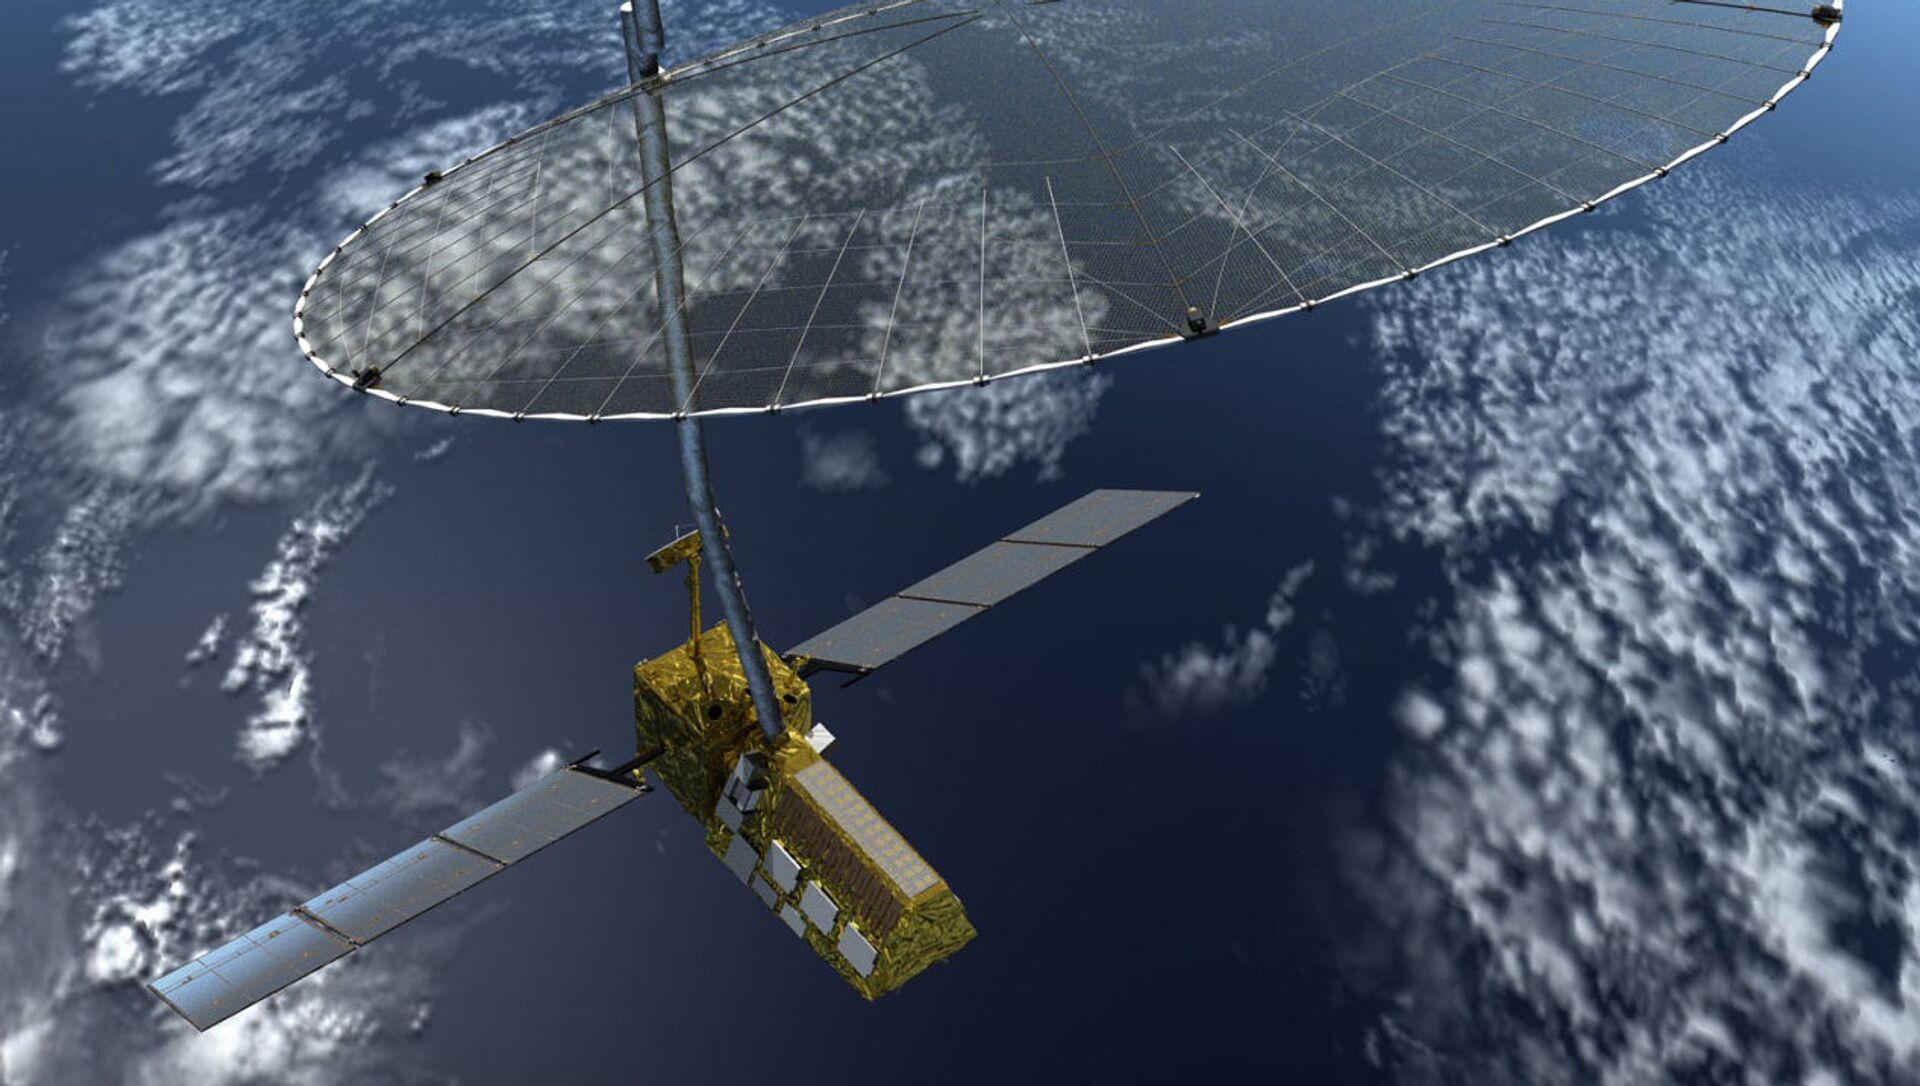 Nasa pronta a lanciare il satellite più costoso al mondo, potrà anche segnalare eruzioni vulcaniche - Sputnik Italia, 1920, 25.03.2021